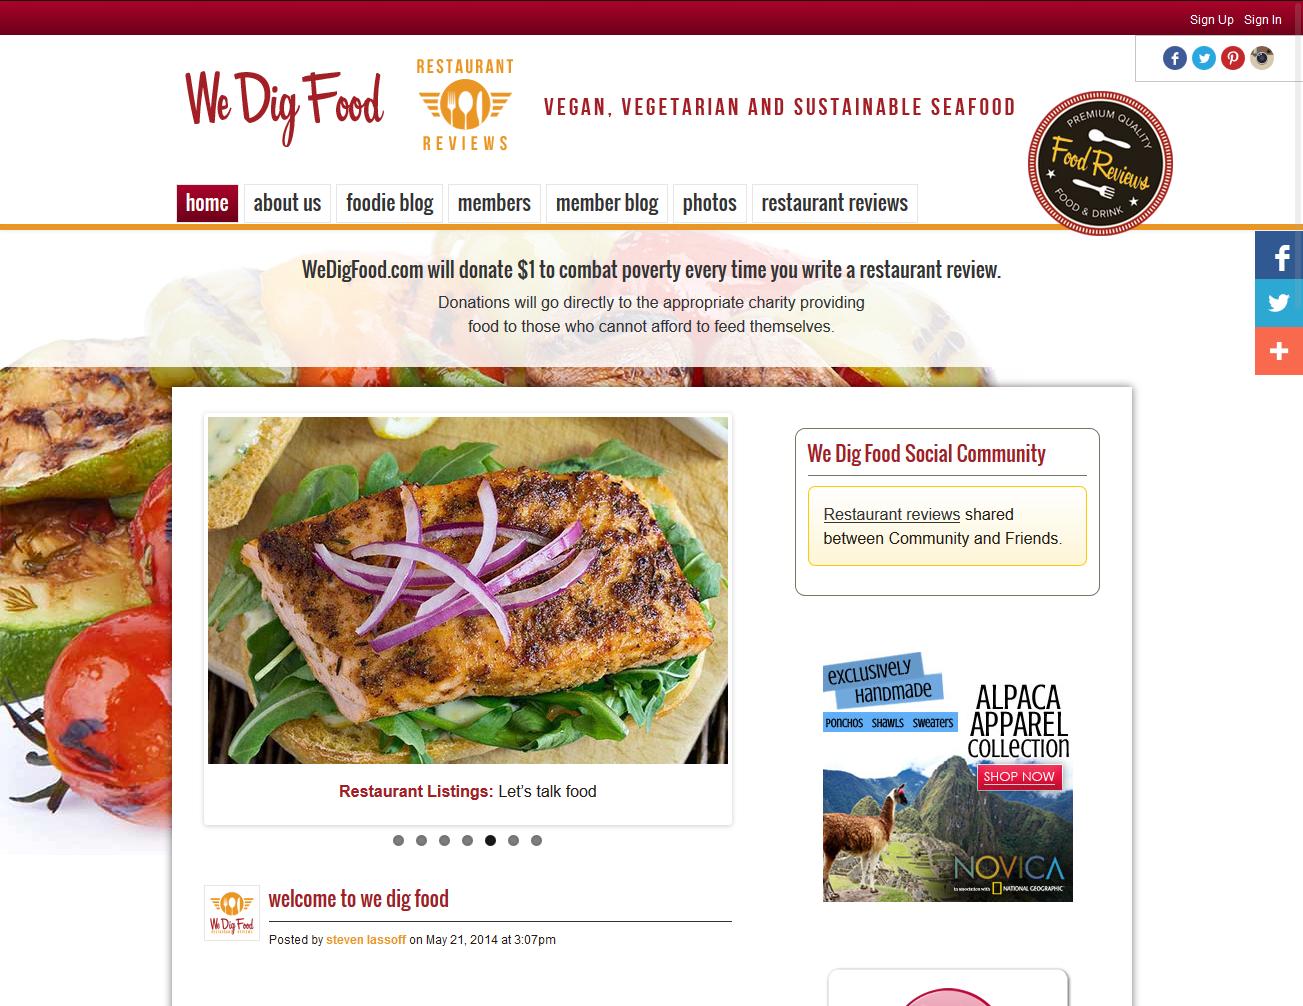 We Dig Food - Ning 3.0 Design